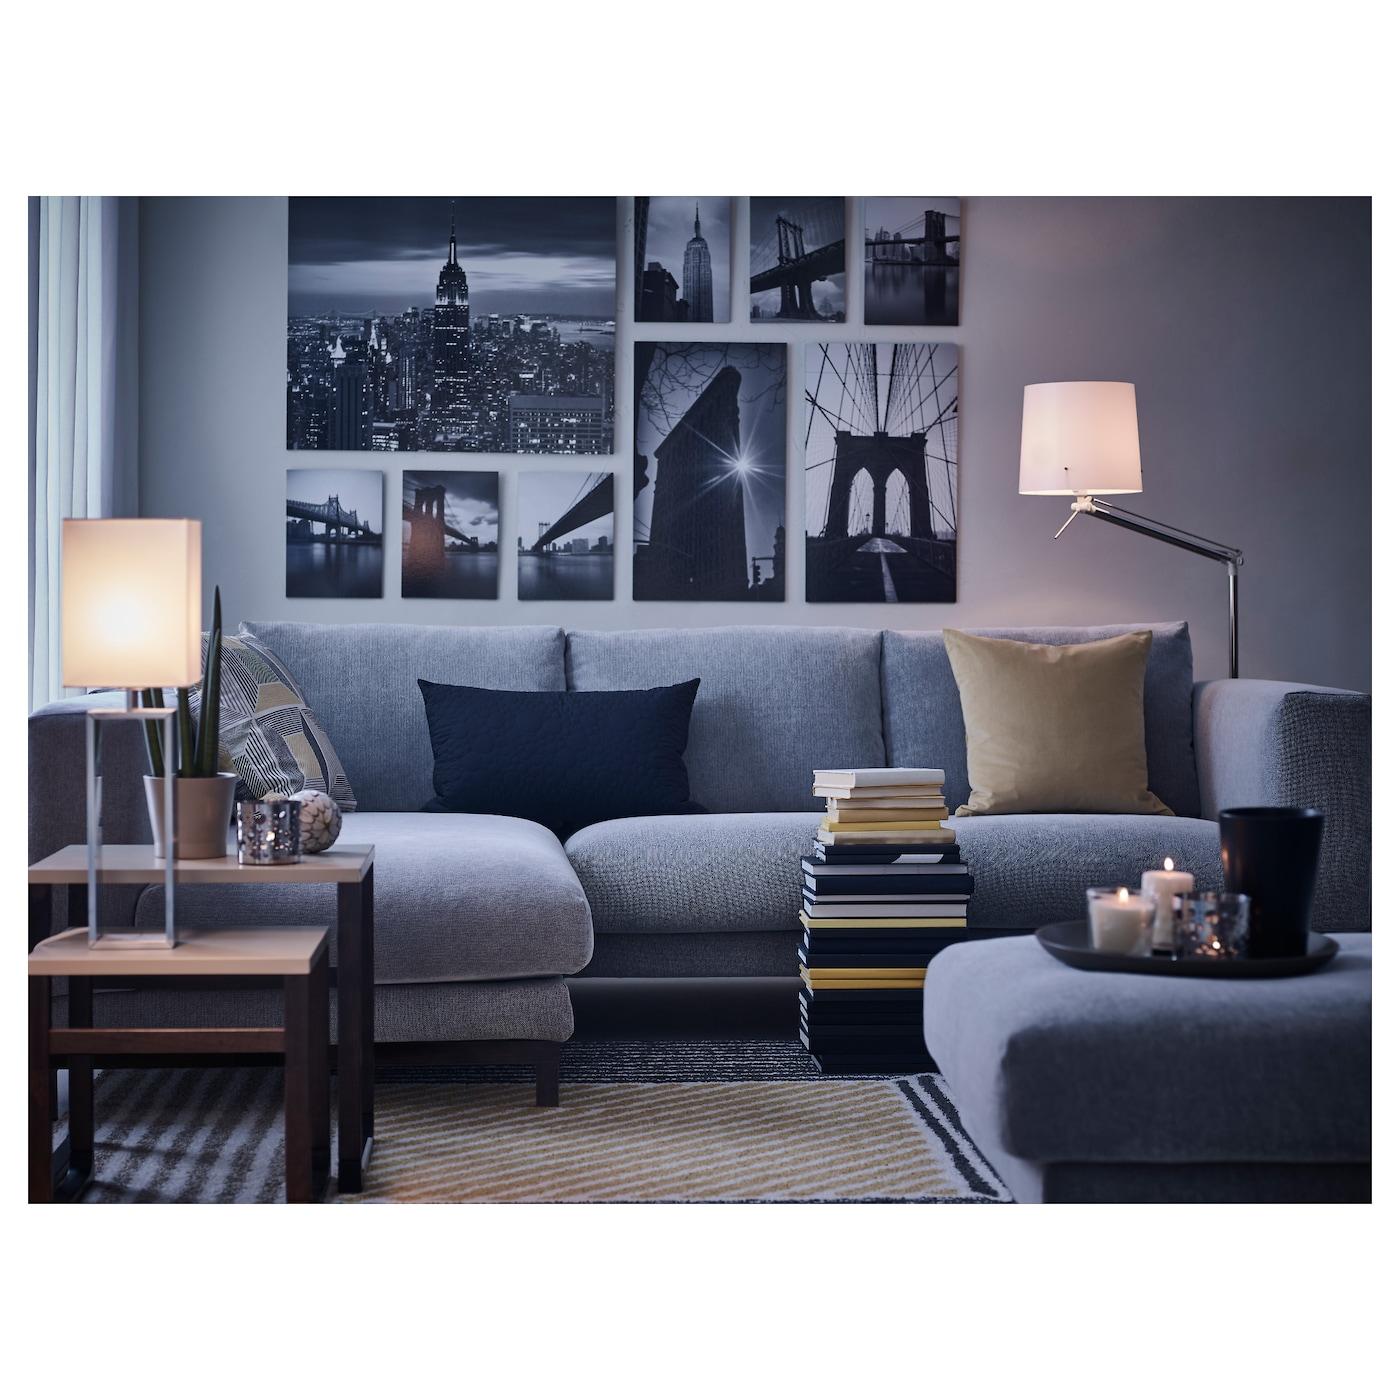 Nockeby 3 Seat Sofa With Chaise Longue Left Tallmyra